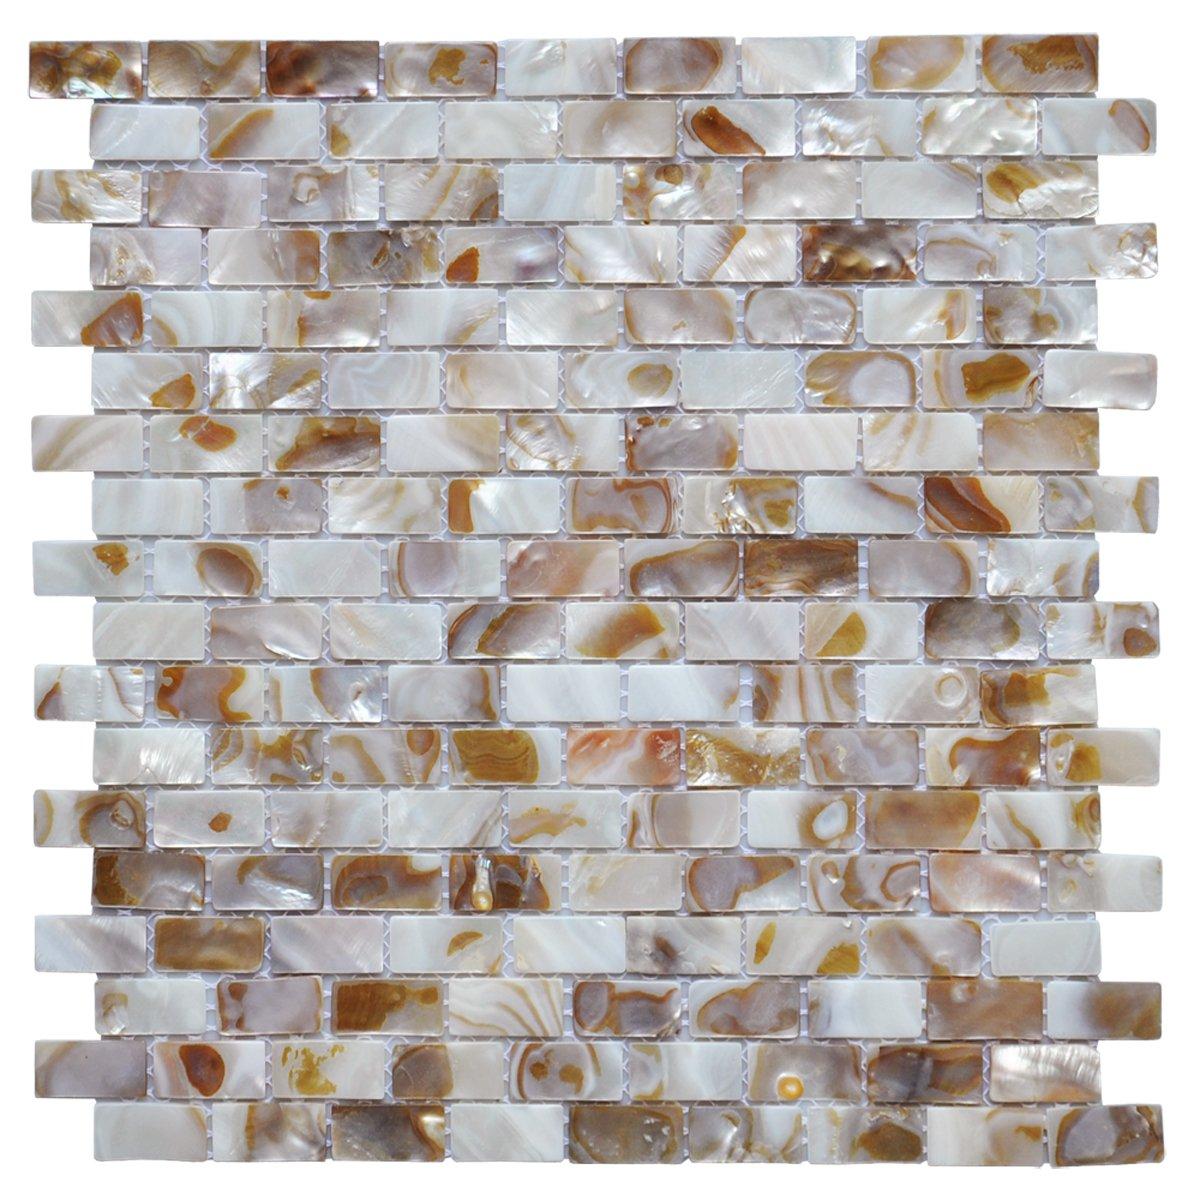 Art3d 10-Piece Mother of Pearl Shell Mosaic Backsplash Tile for Kitchen, Bathroom Walls, Spa Tile, Pool Tile, 12'' x 12'' Natural Color